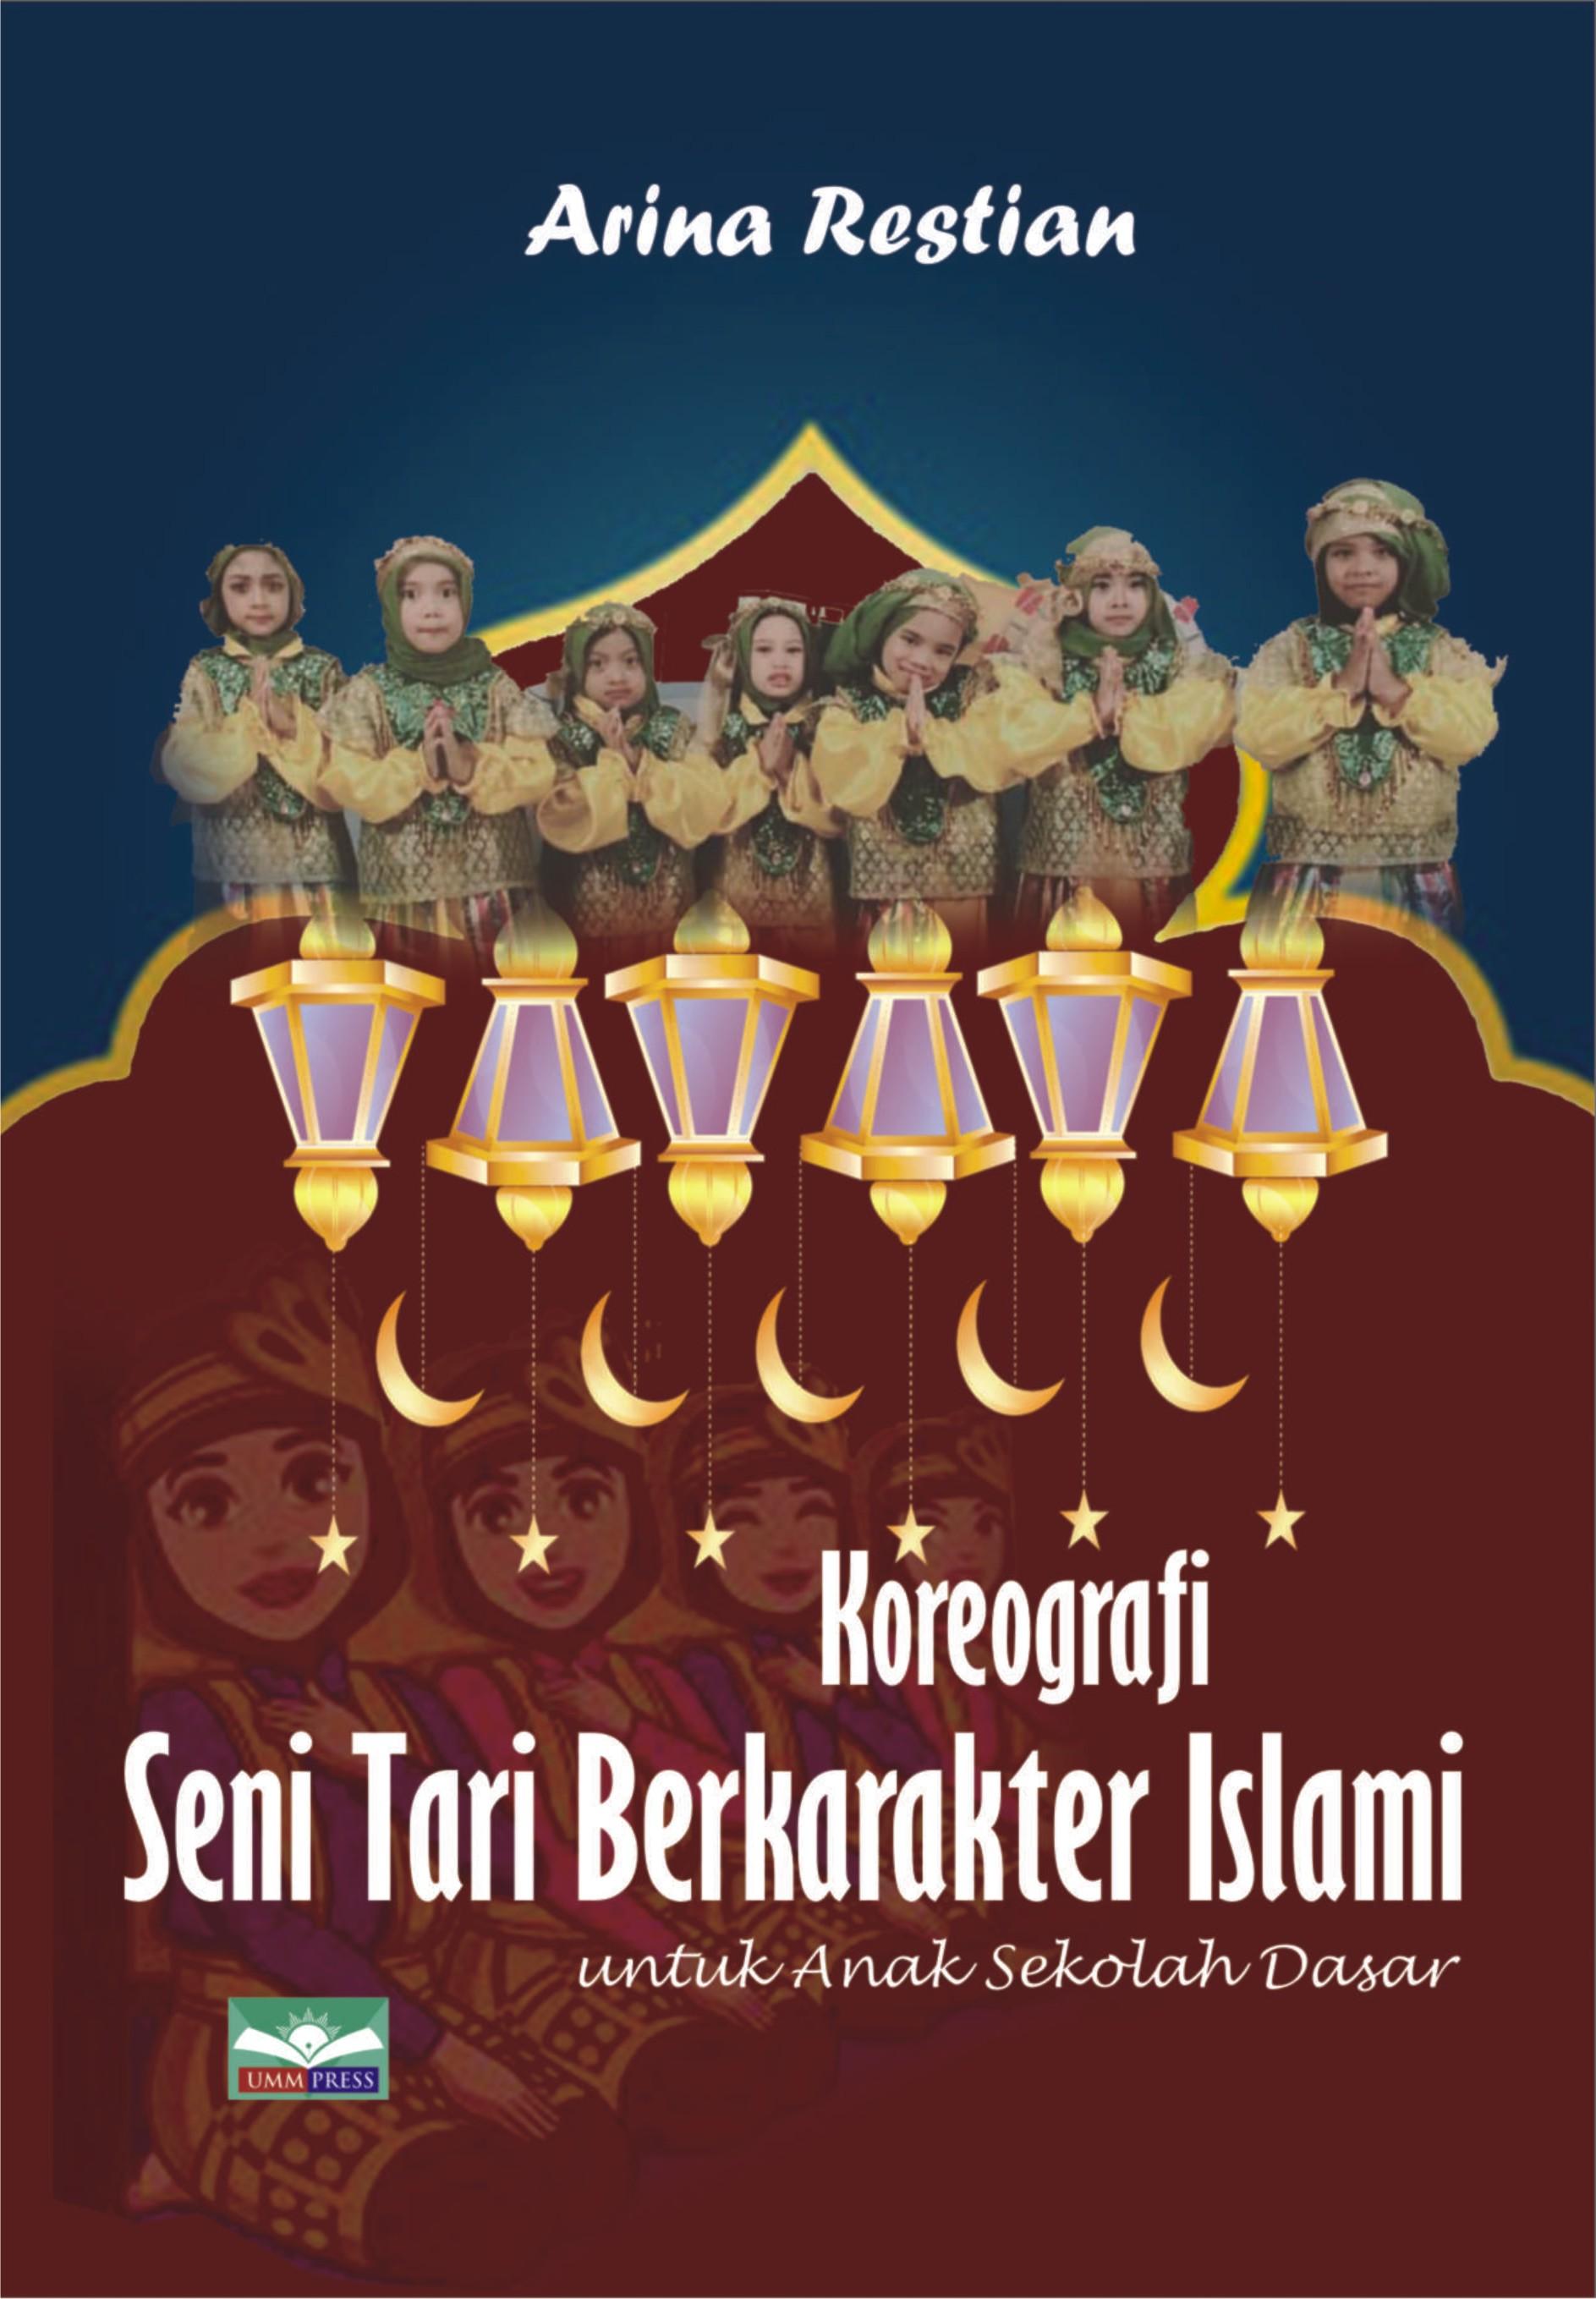 Koreografi Seni Tari Berkarakter Islami